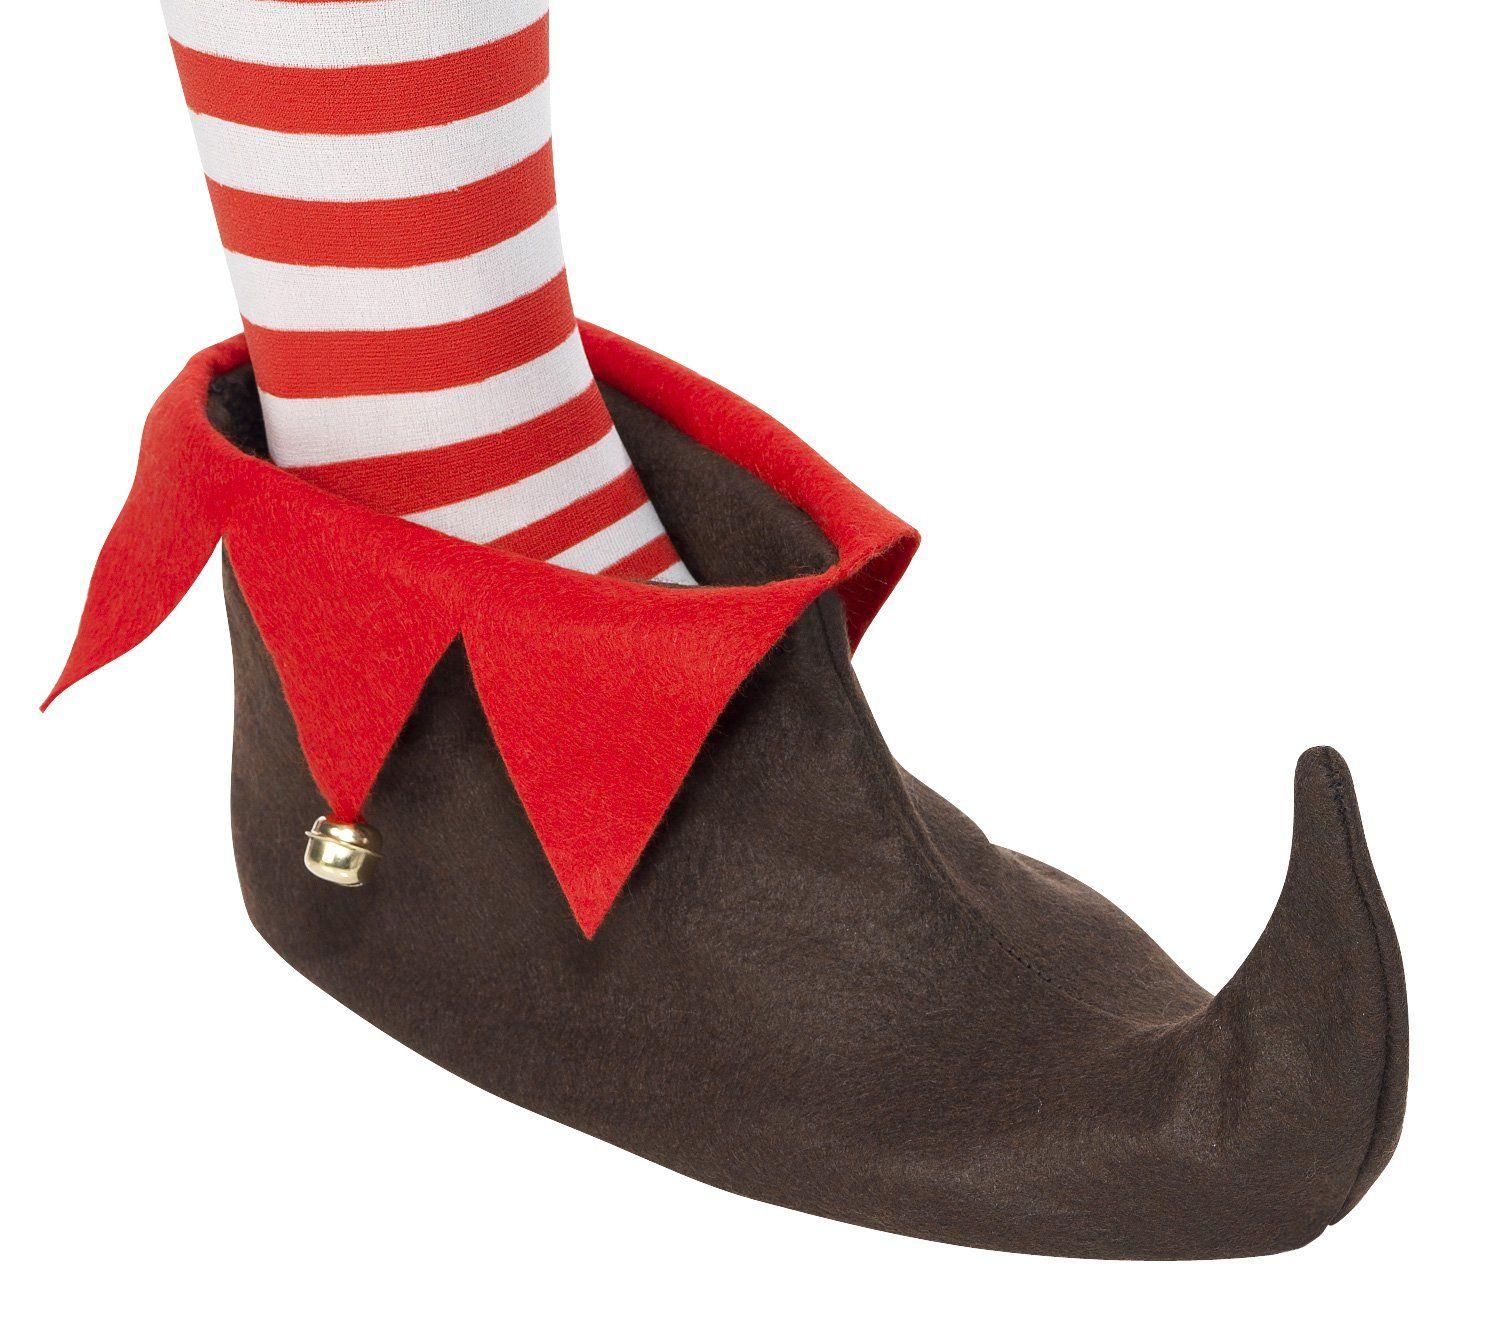 Zapatos de duende de Navidad adulto   Zapatos de duende